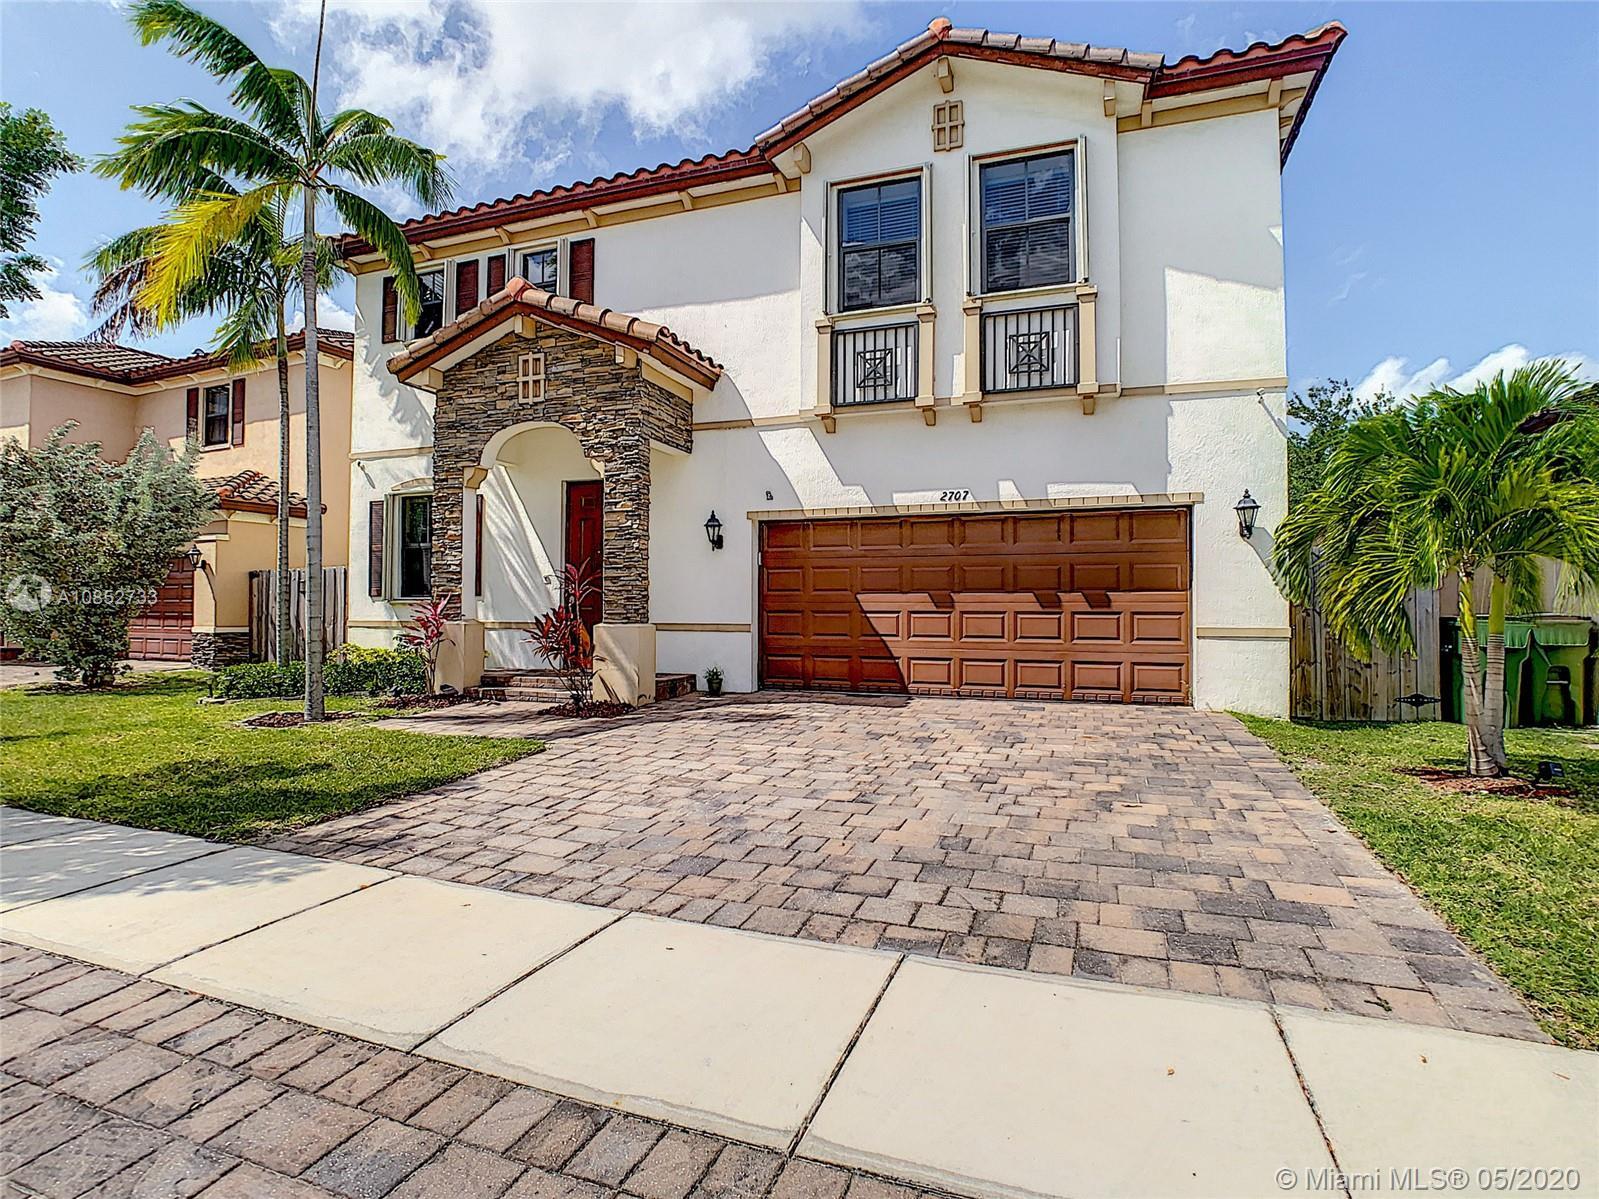 2707 NE 2nd Dr, Homestead, FL 33033 - Homestead, FL real estate listing